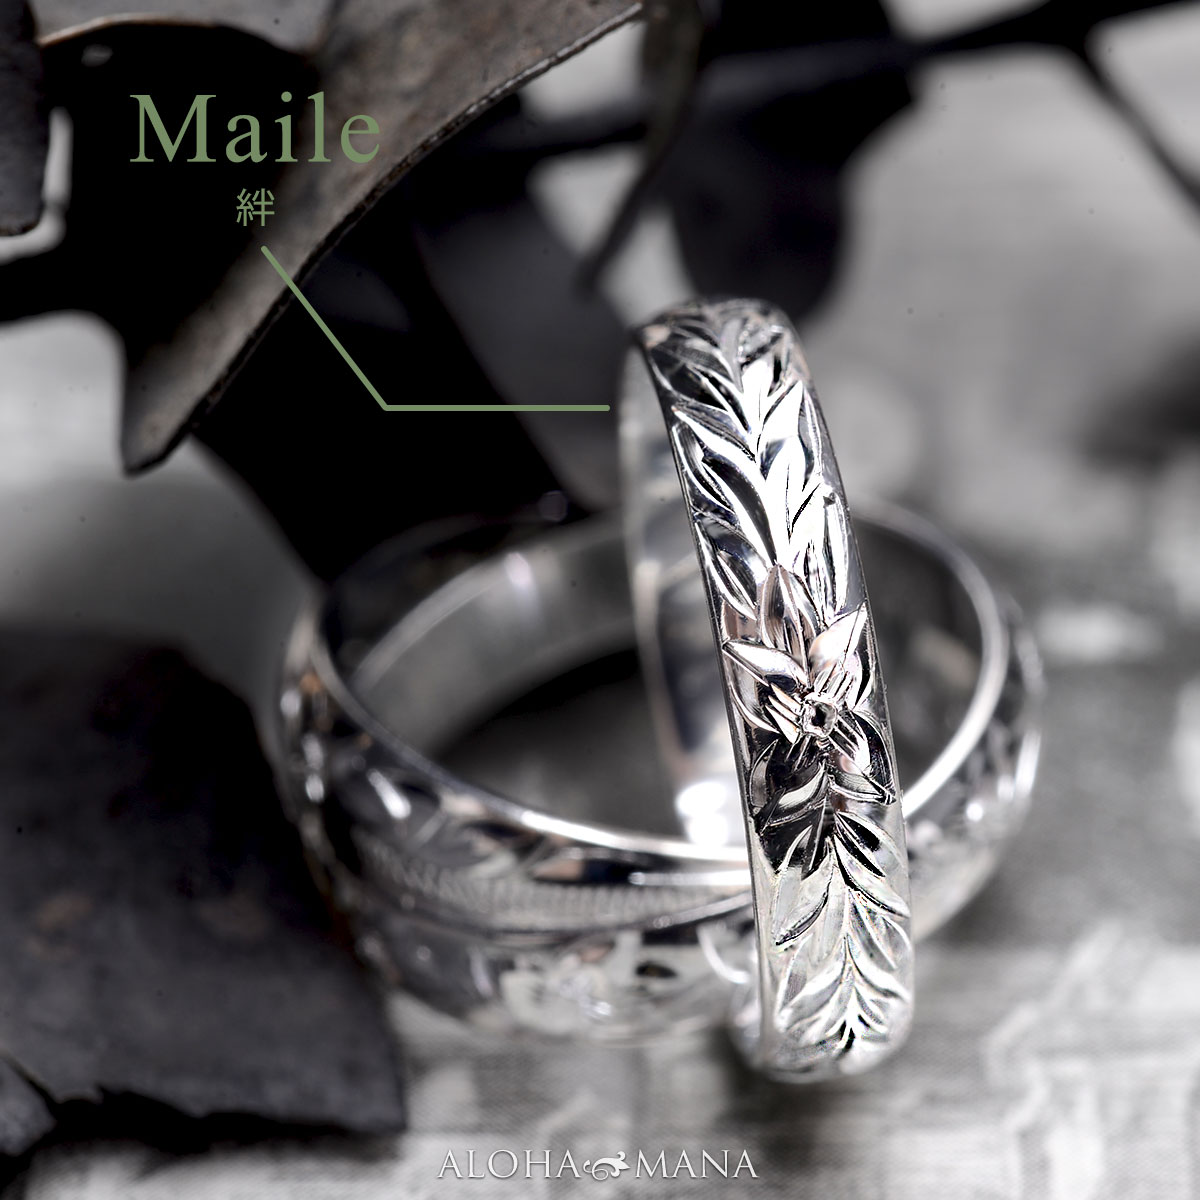 ハワイアンジュエリー ペアリング 指輪  ペアアクセサリー スリーサークル・三連・3連シルバーリング 男性サイズまで豊富なサイズ シルバー925 ambri0758svpair